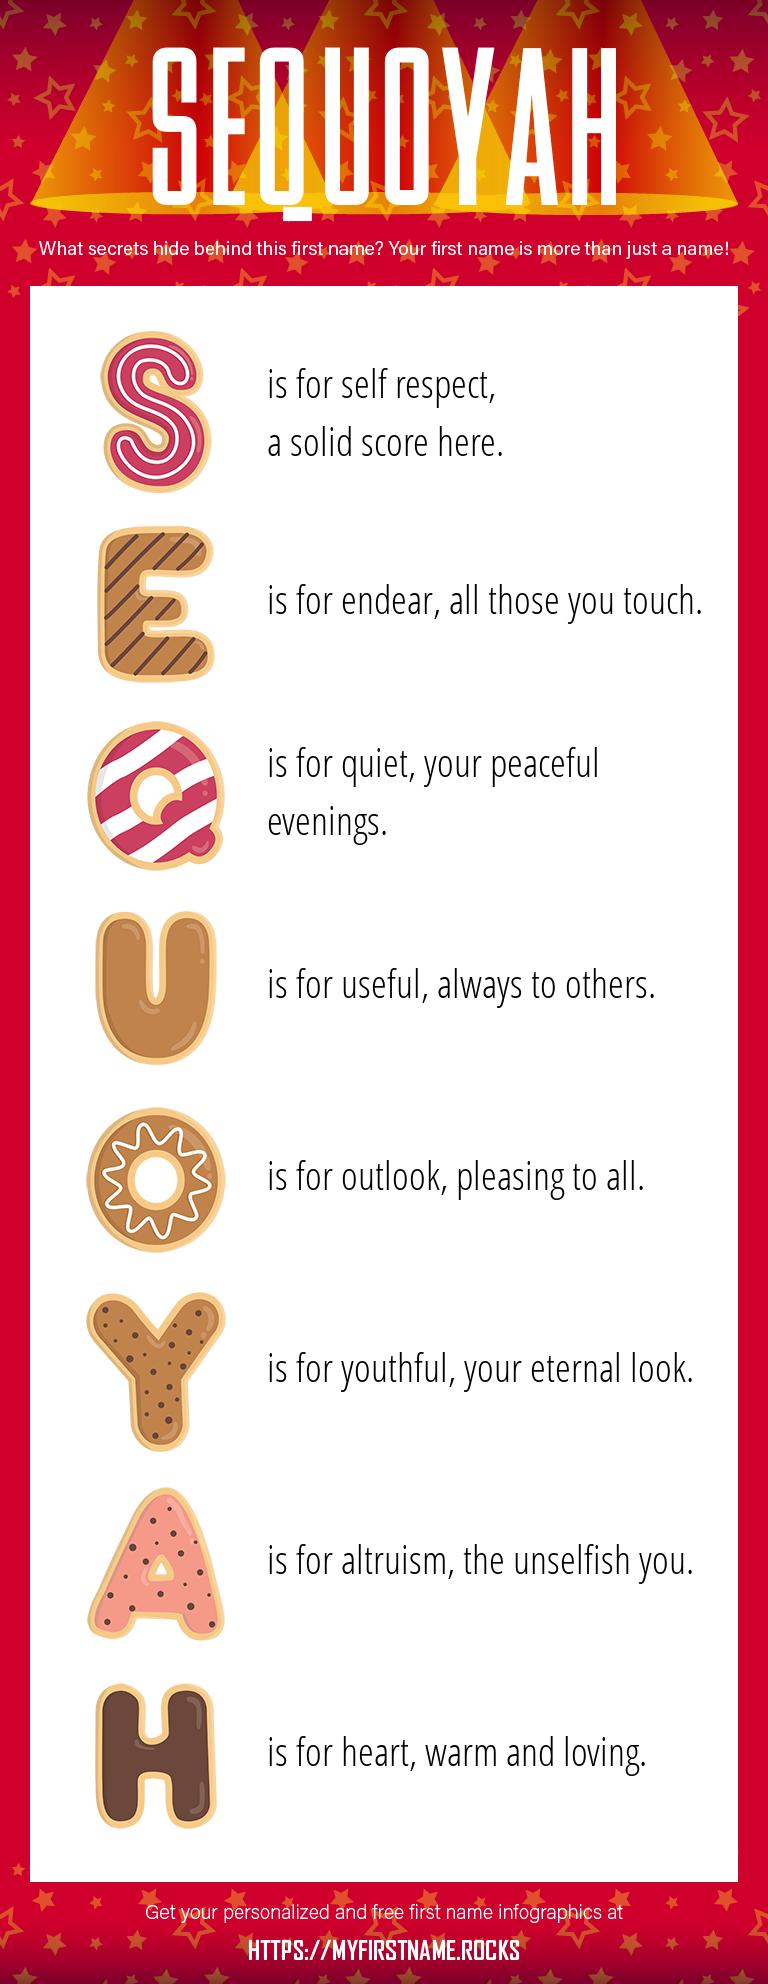 Sequoyah Infographics